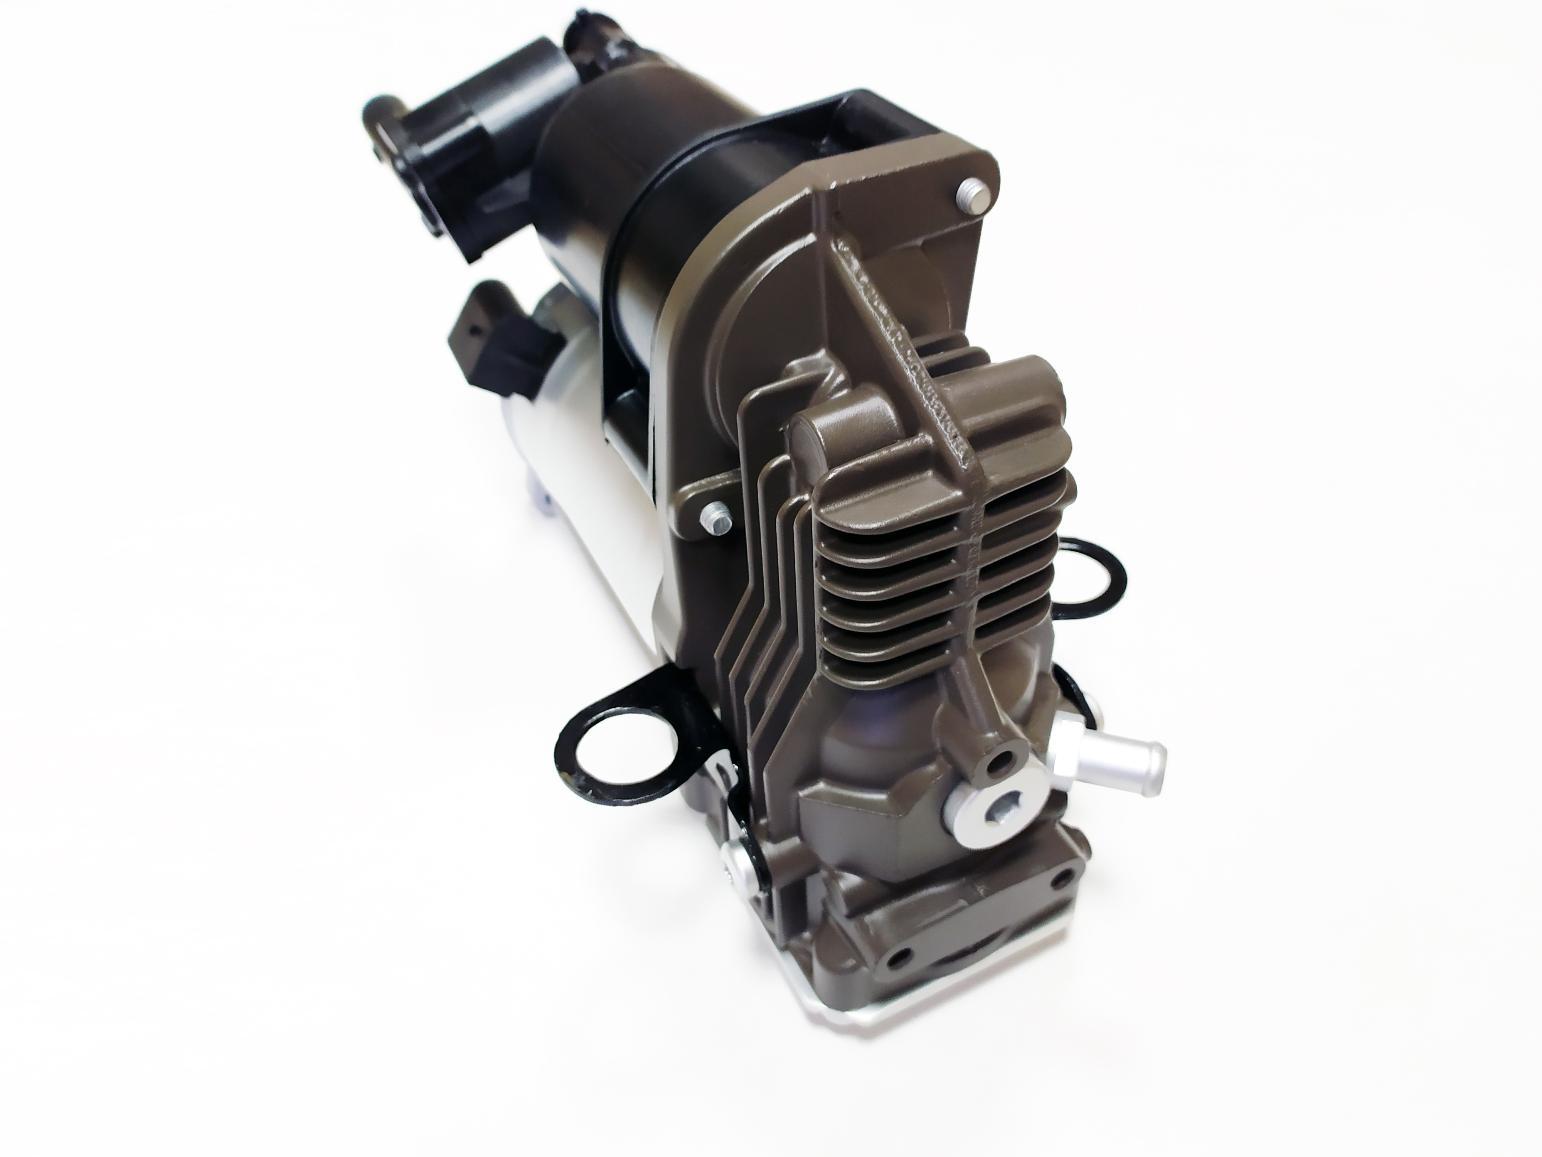 картинка Новый компрессор пневмоподвески Miessler для Mercedes GL (X166), ML (W166) A1663200104 от магазина пневмоподвески ПневмоМаркет